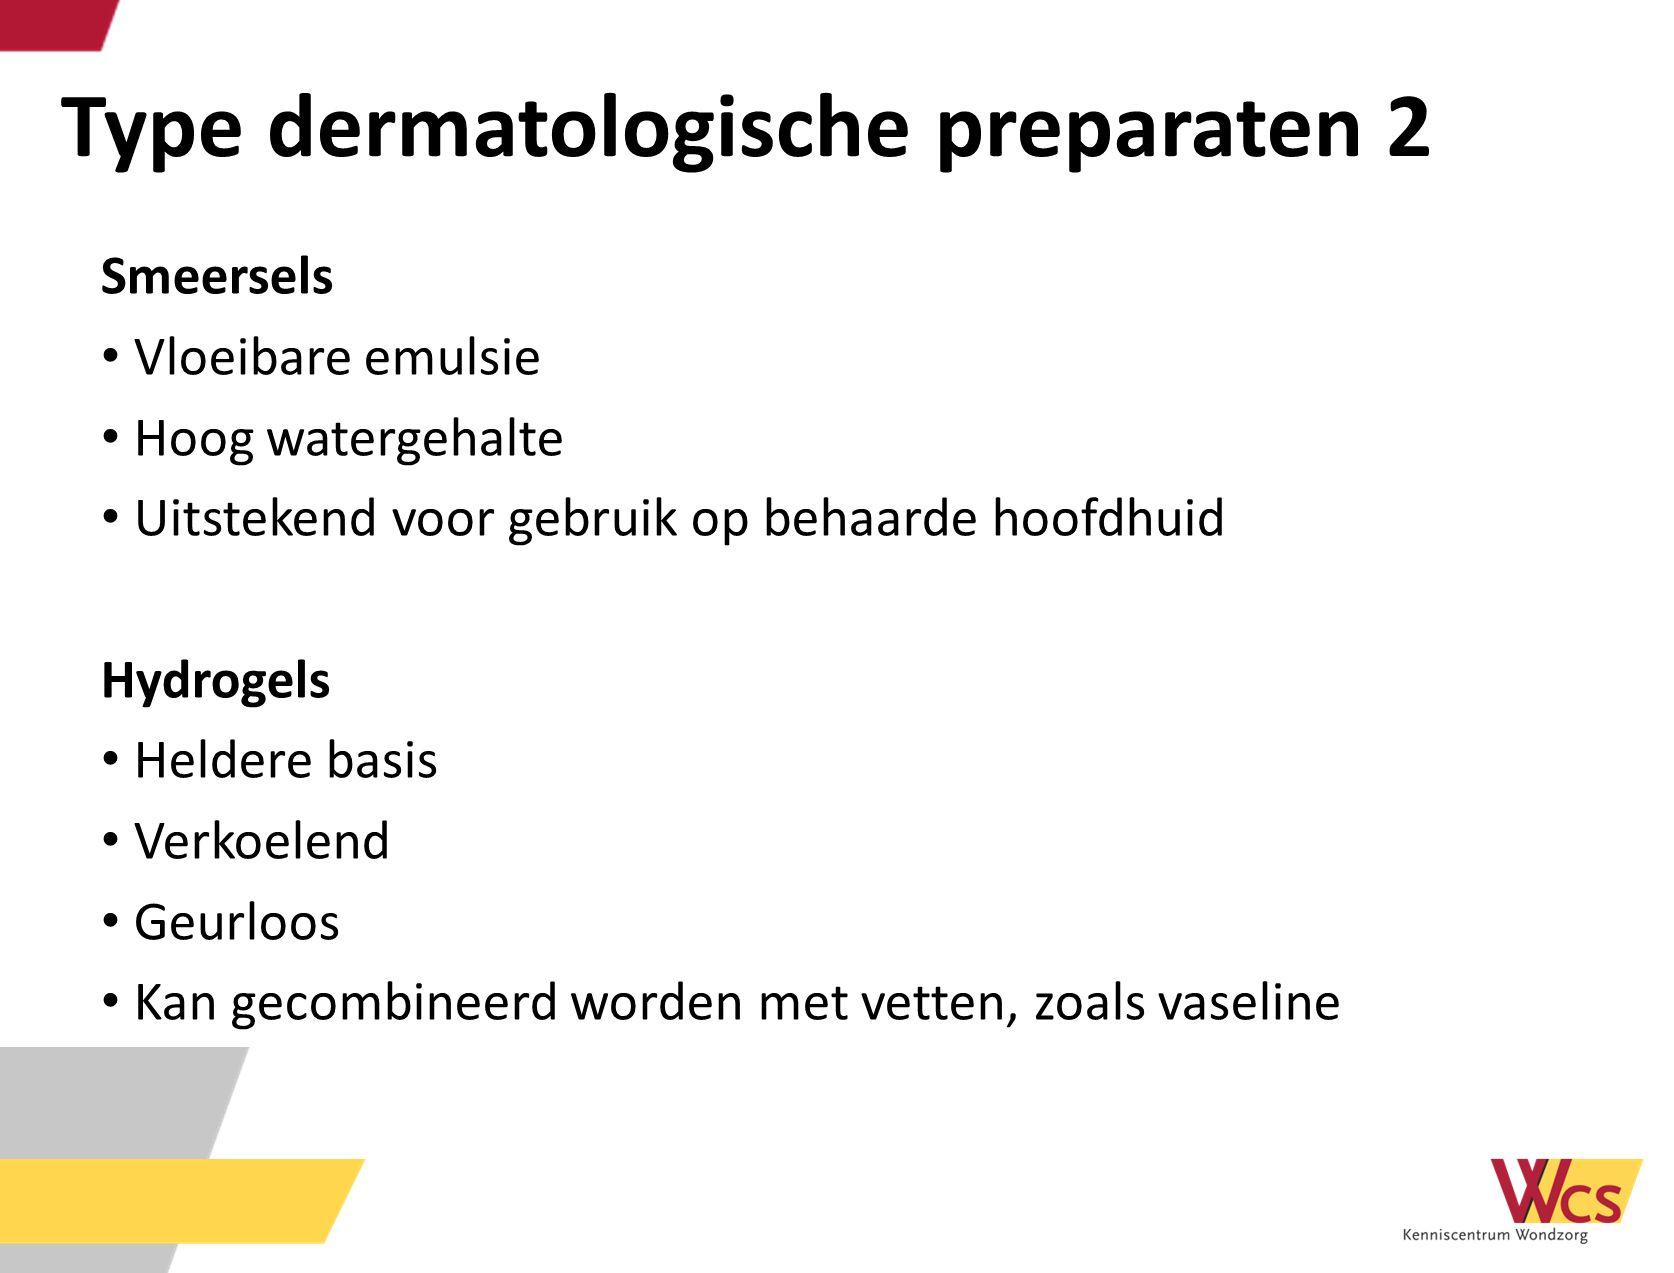 Type dermatologische preparaten 2 Smeersels Vloeibare emulsie Hoog watergehalte Uitstekend voor gebruik op behaarde hoofdhuid Hydrogels Heldere basis